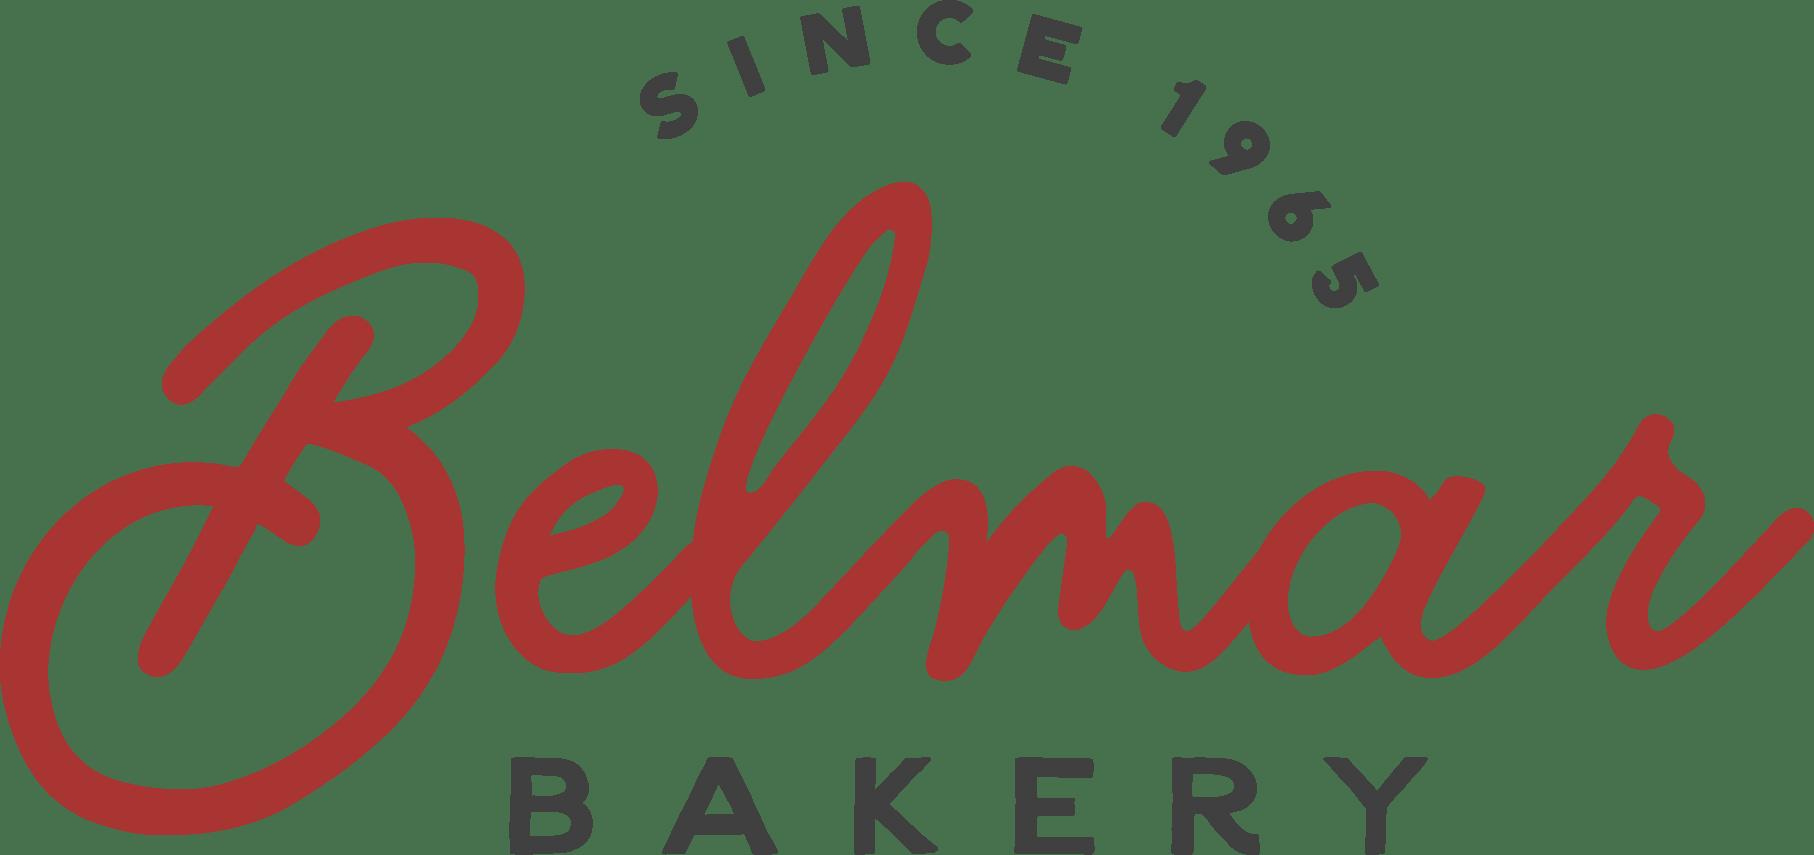 Bakery in Amarillo